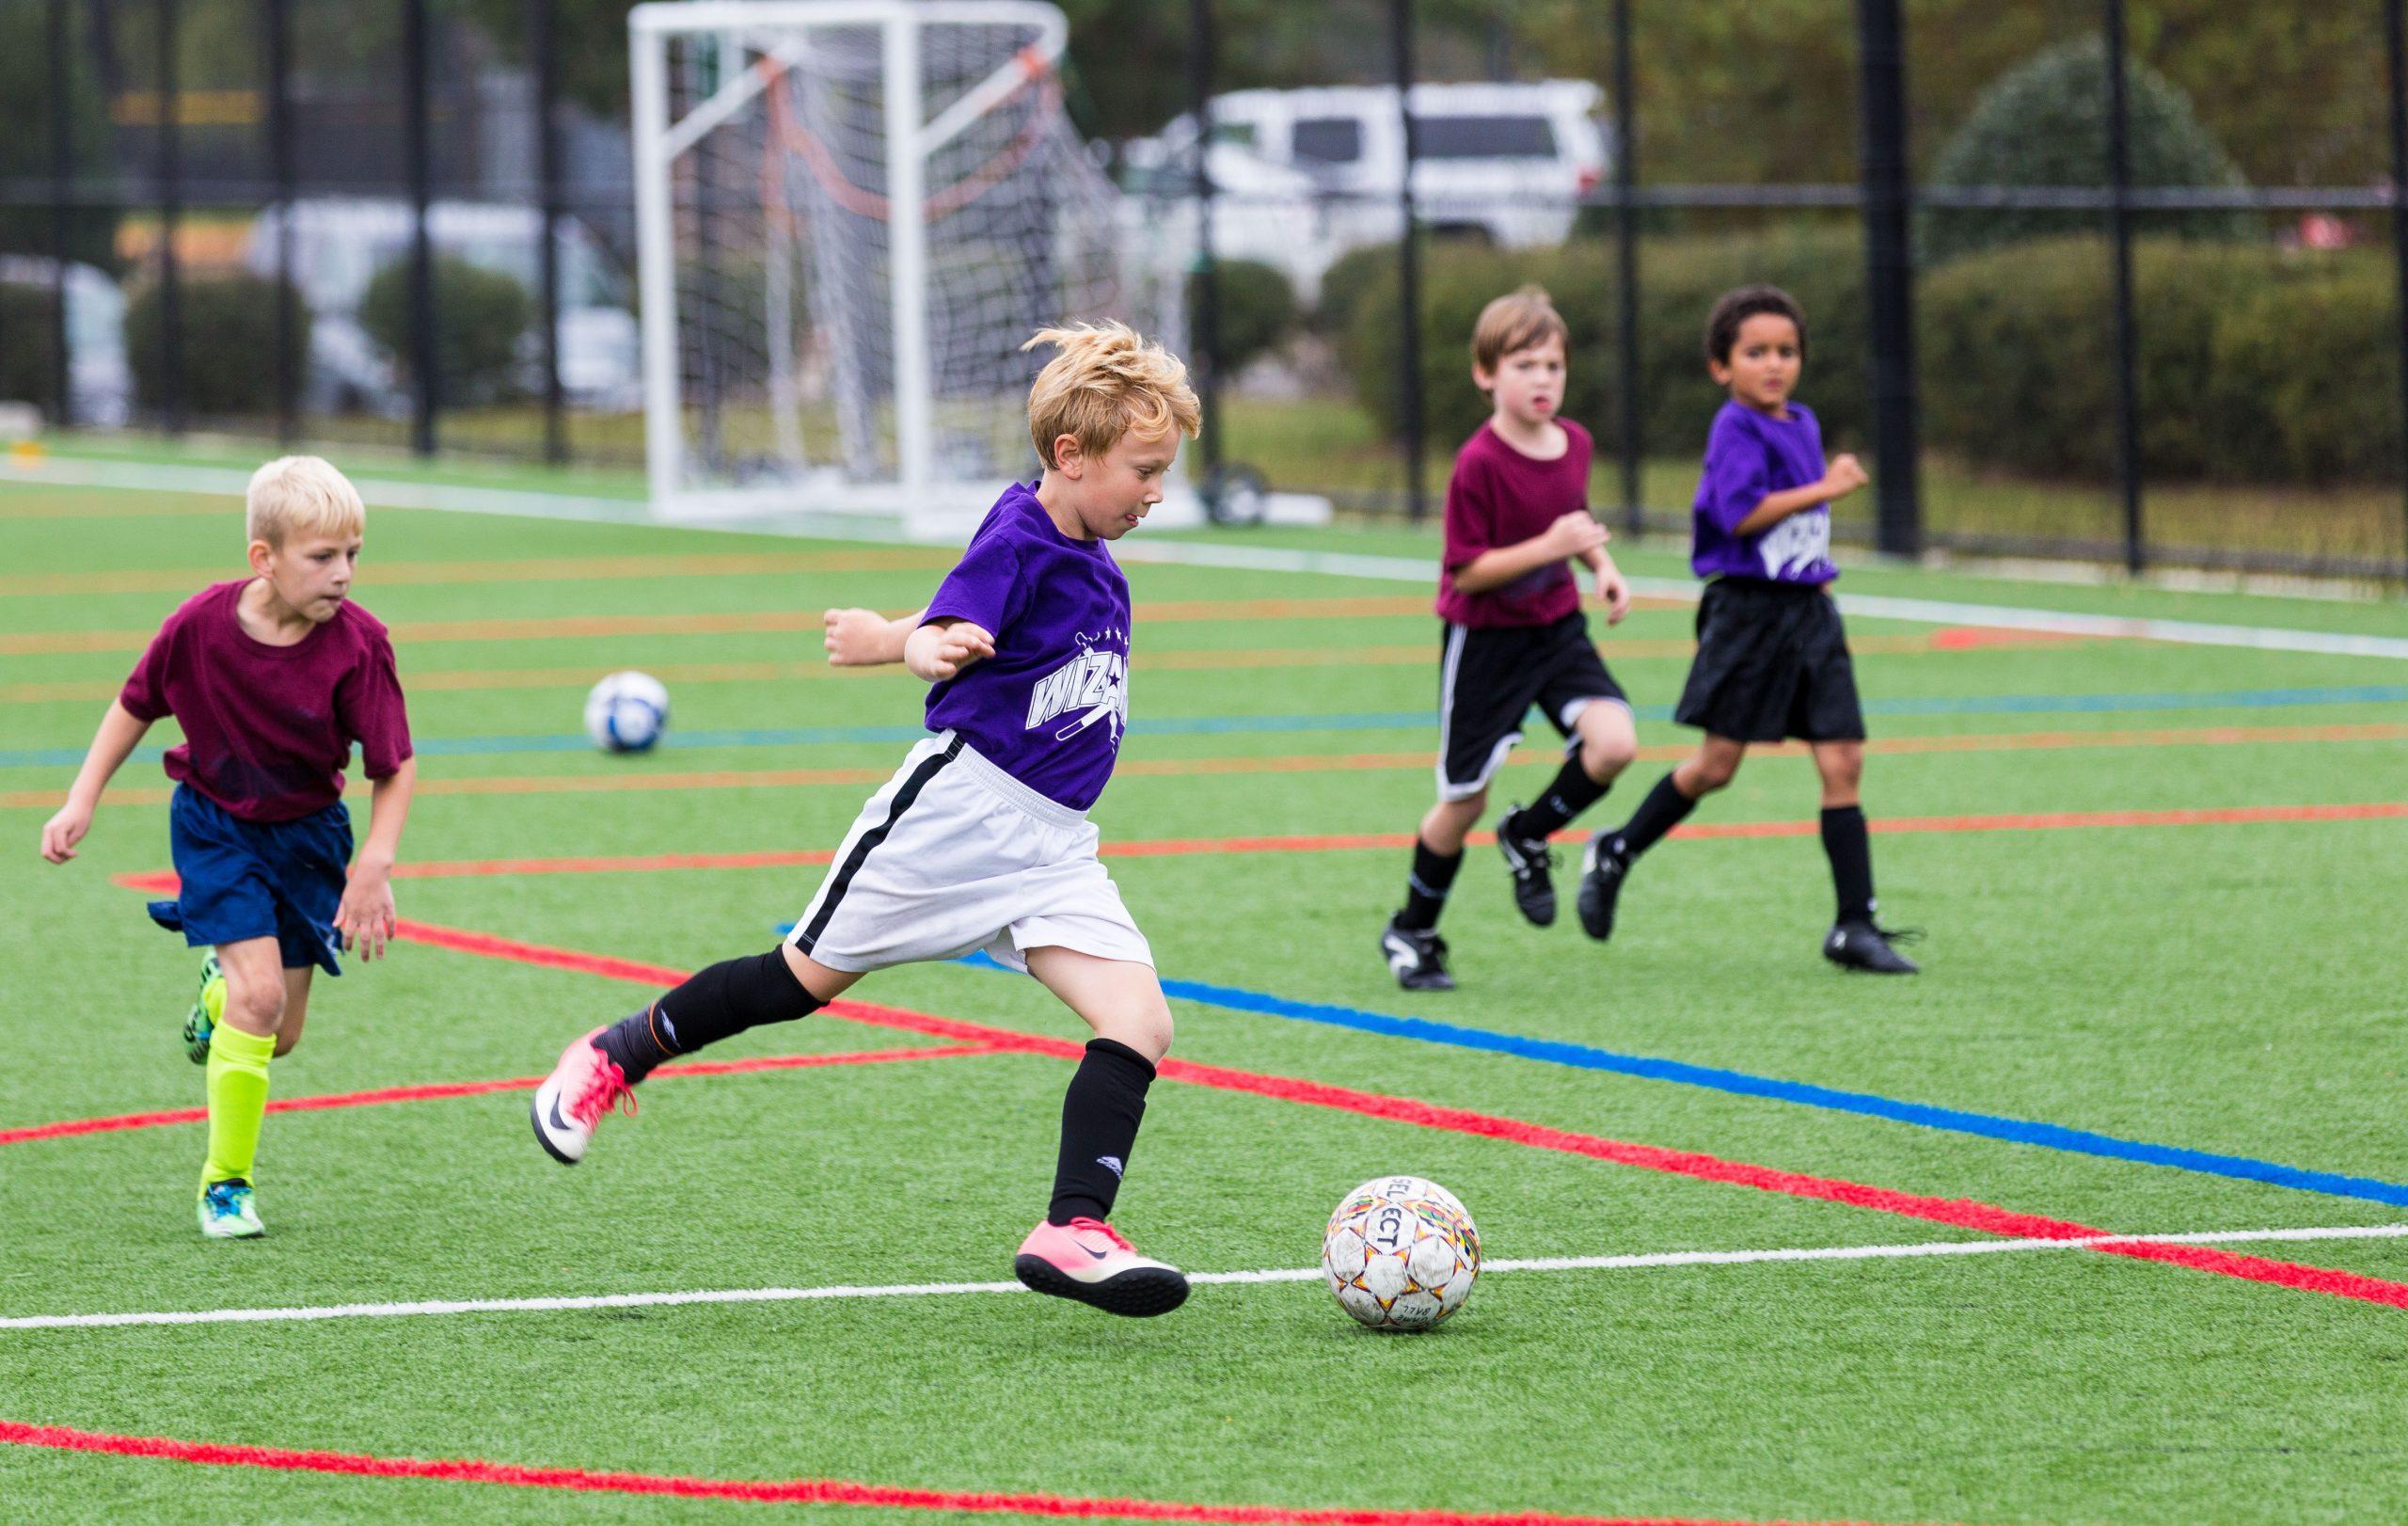 voetbal jongens